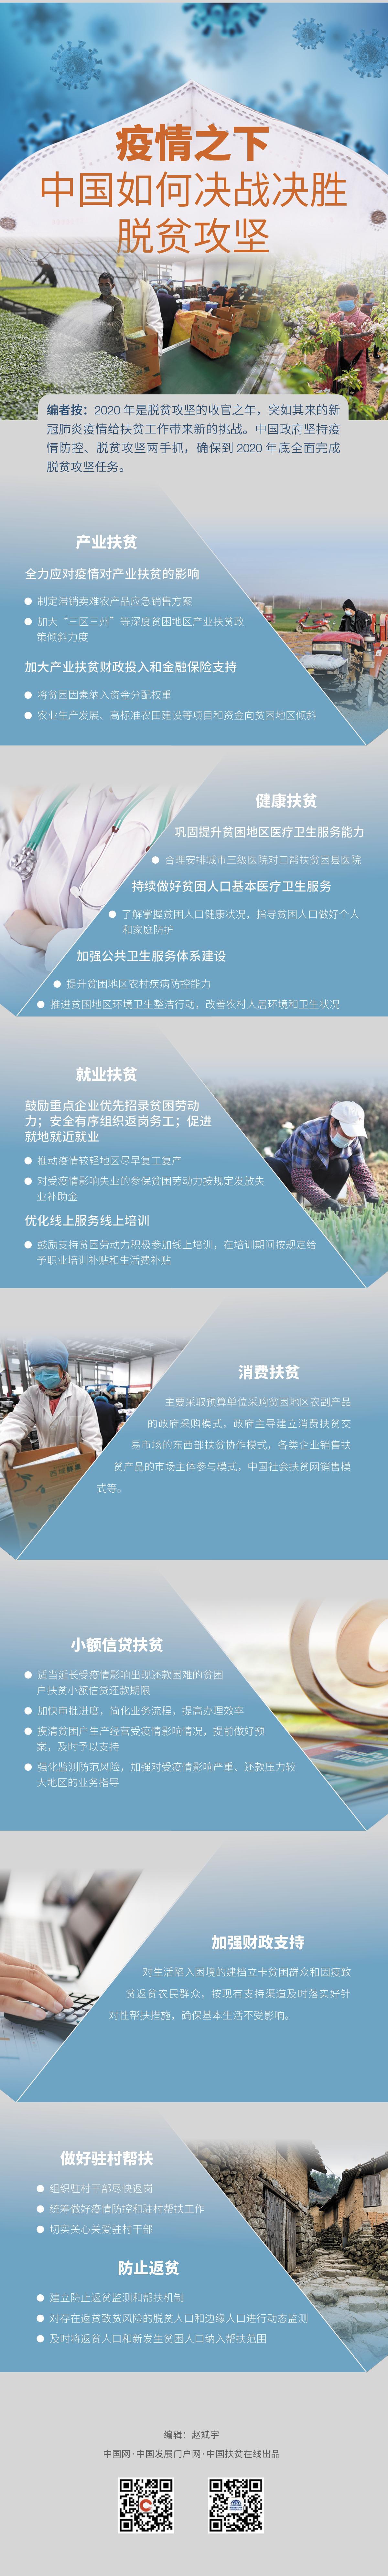 图解:疫情之下,中国如何决战决胜脱贫攻坚图片